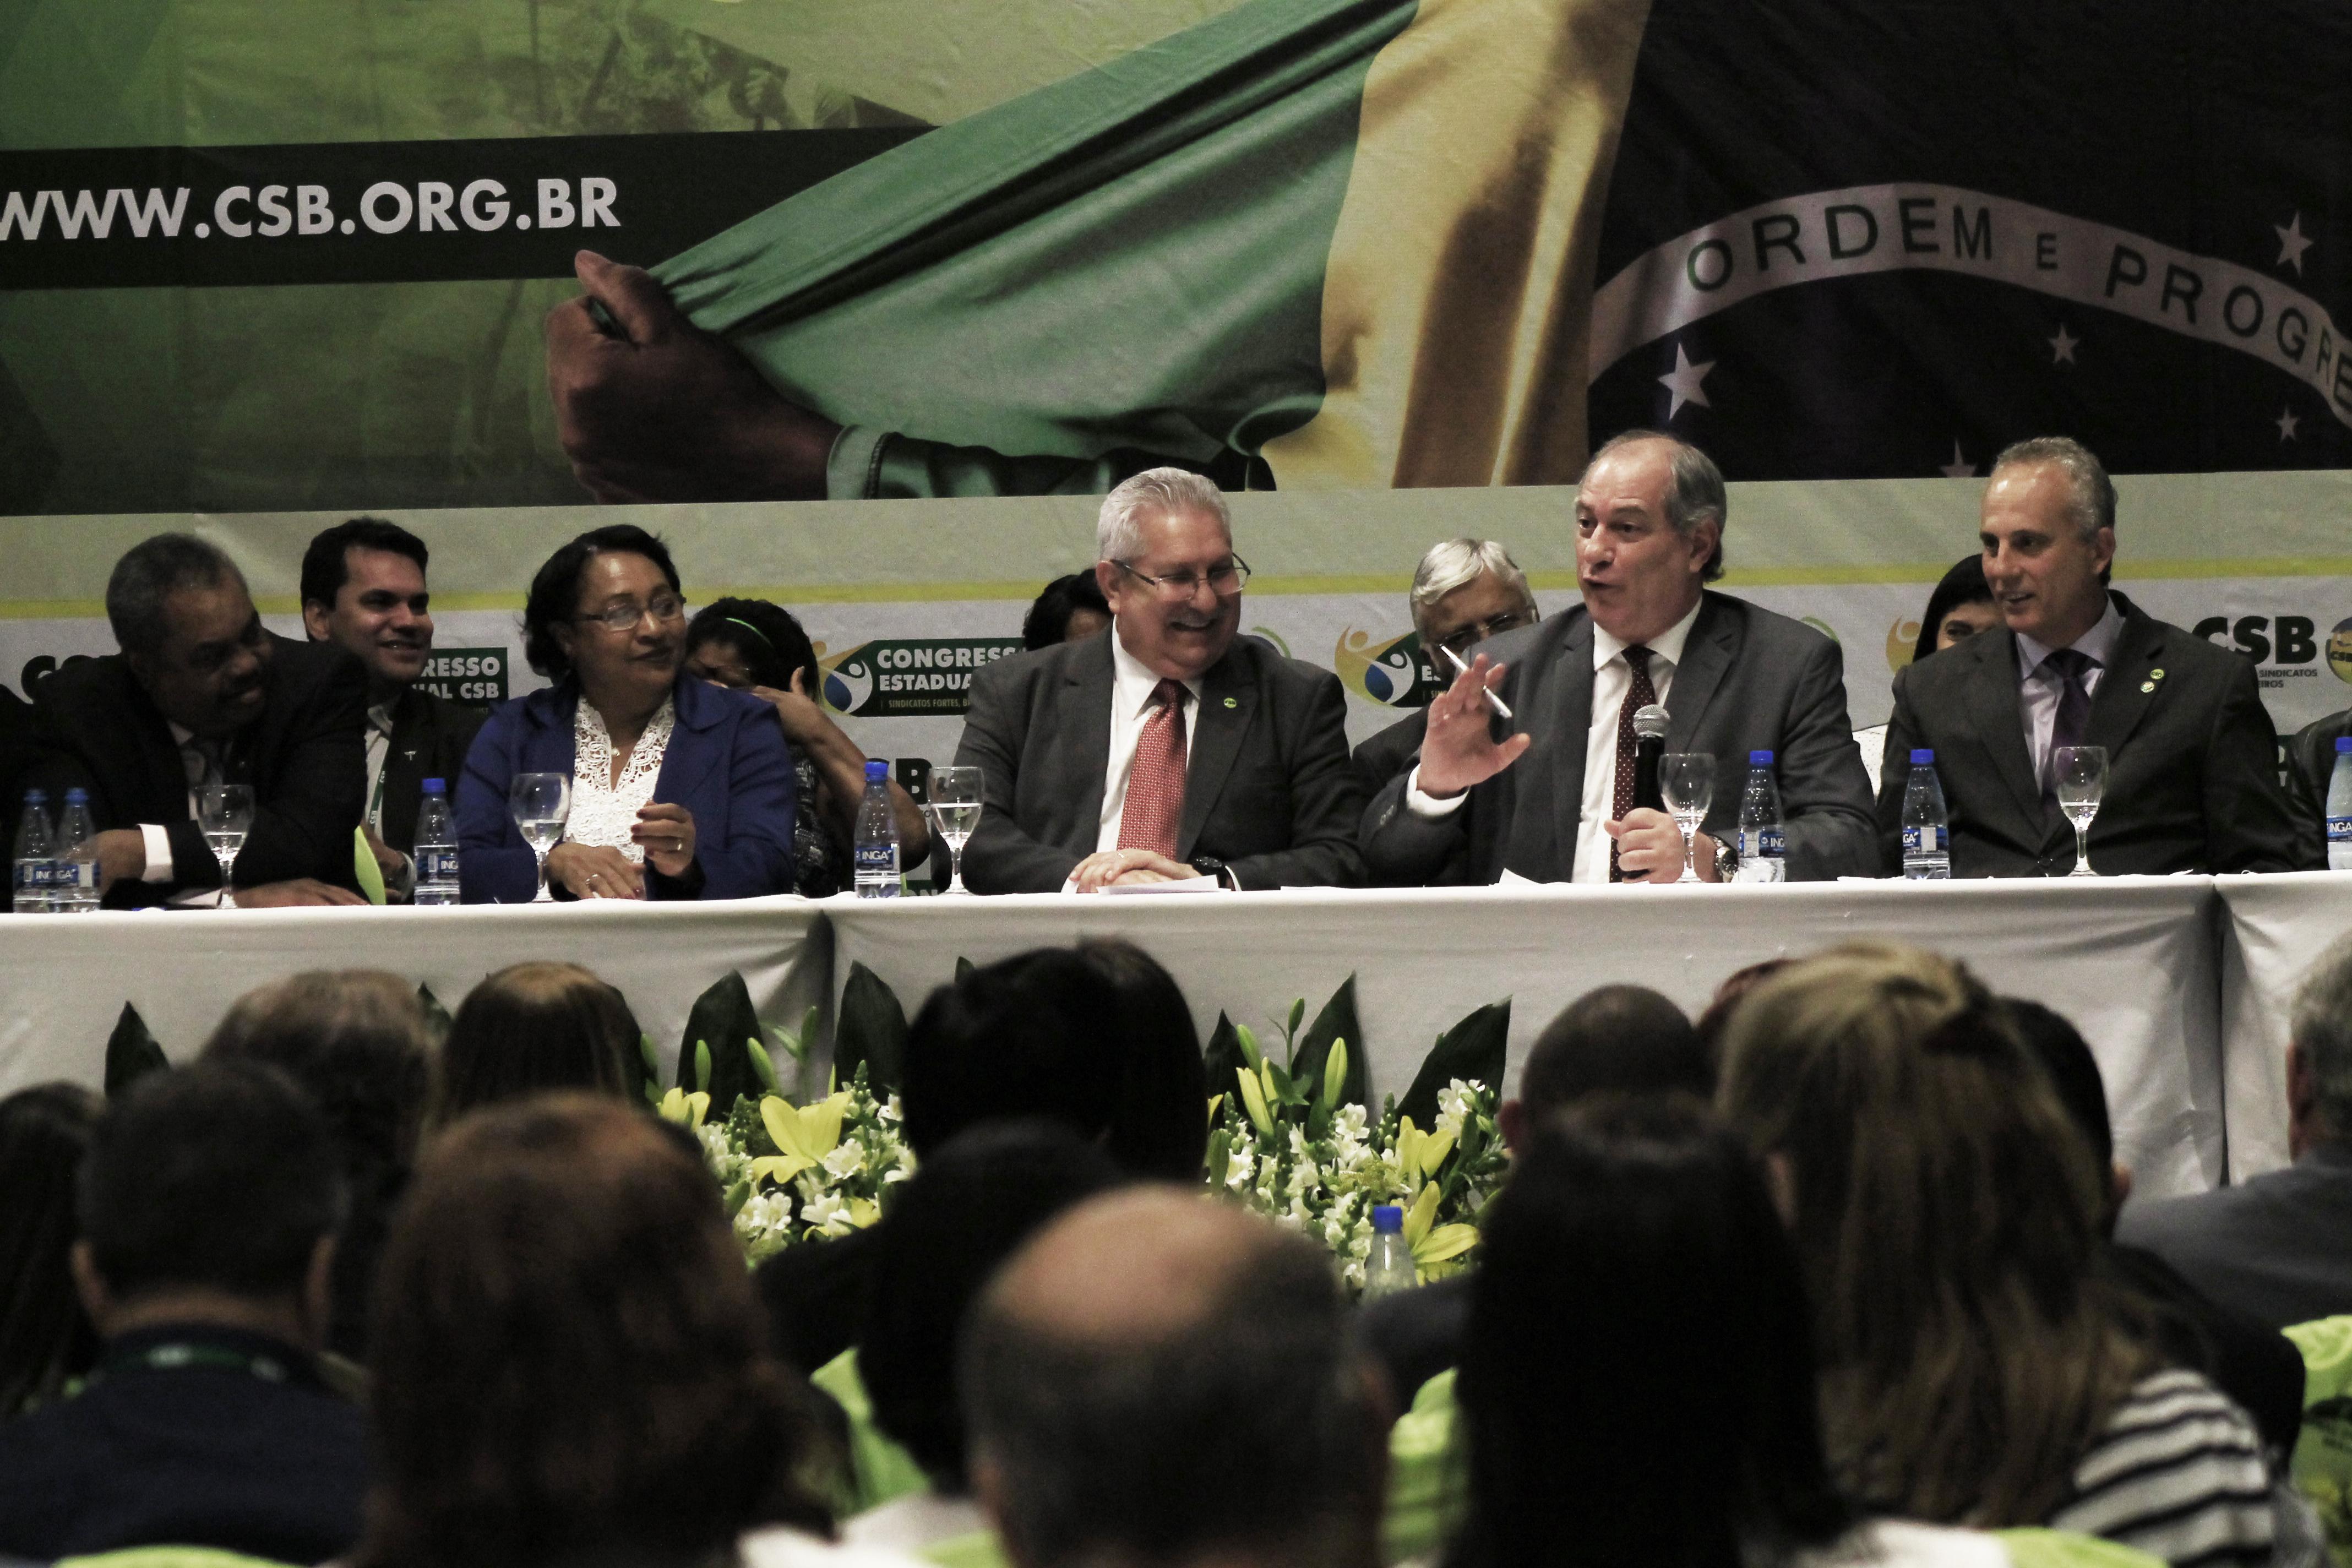 Para Ciro Gomes, reindustrialização do País é saída à crise política e econômica brasileira